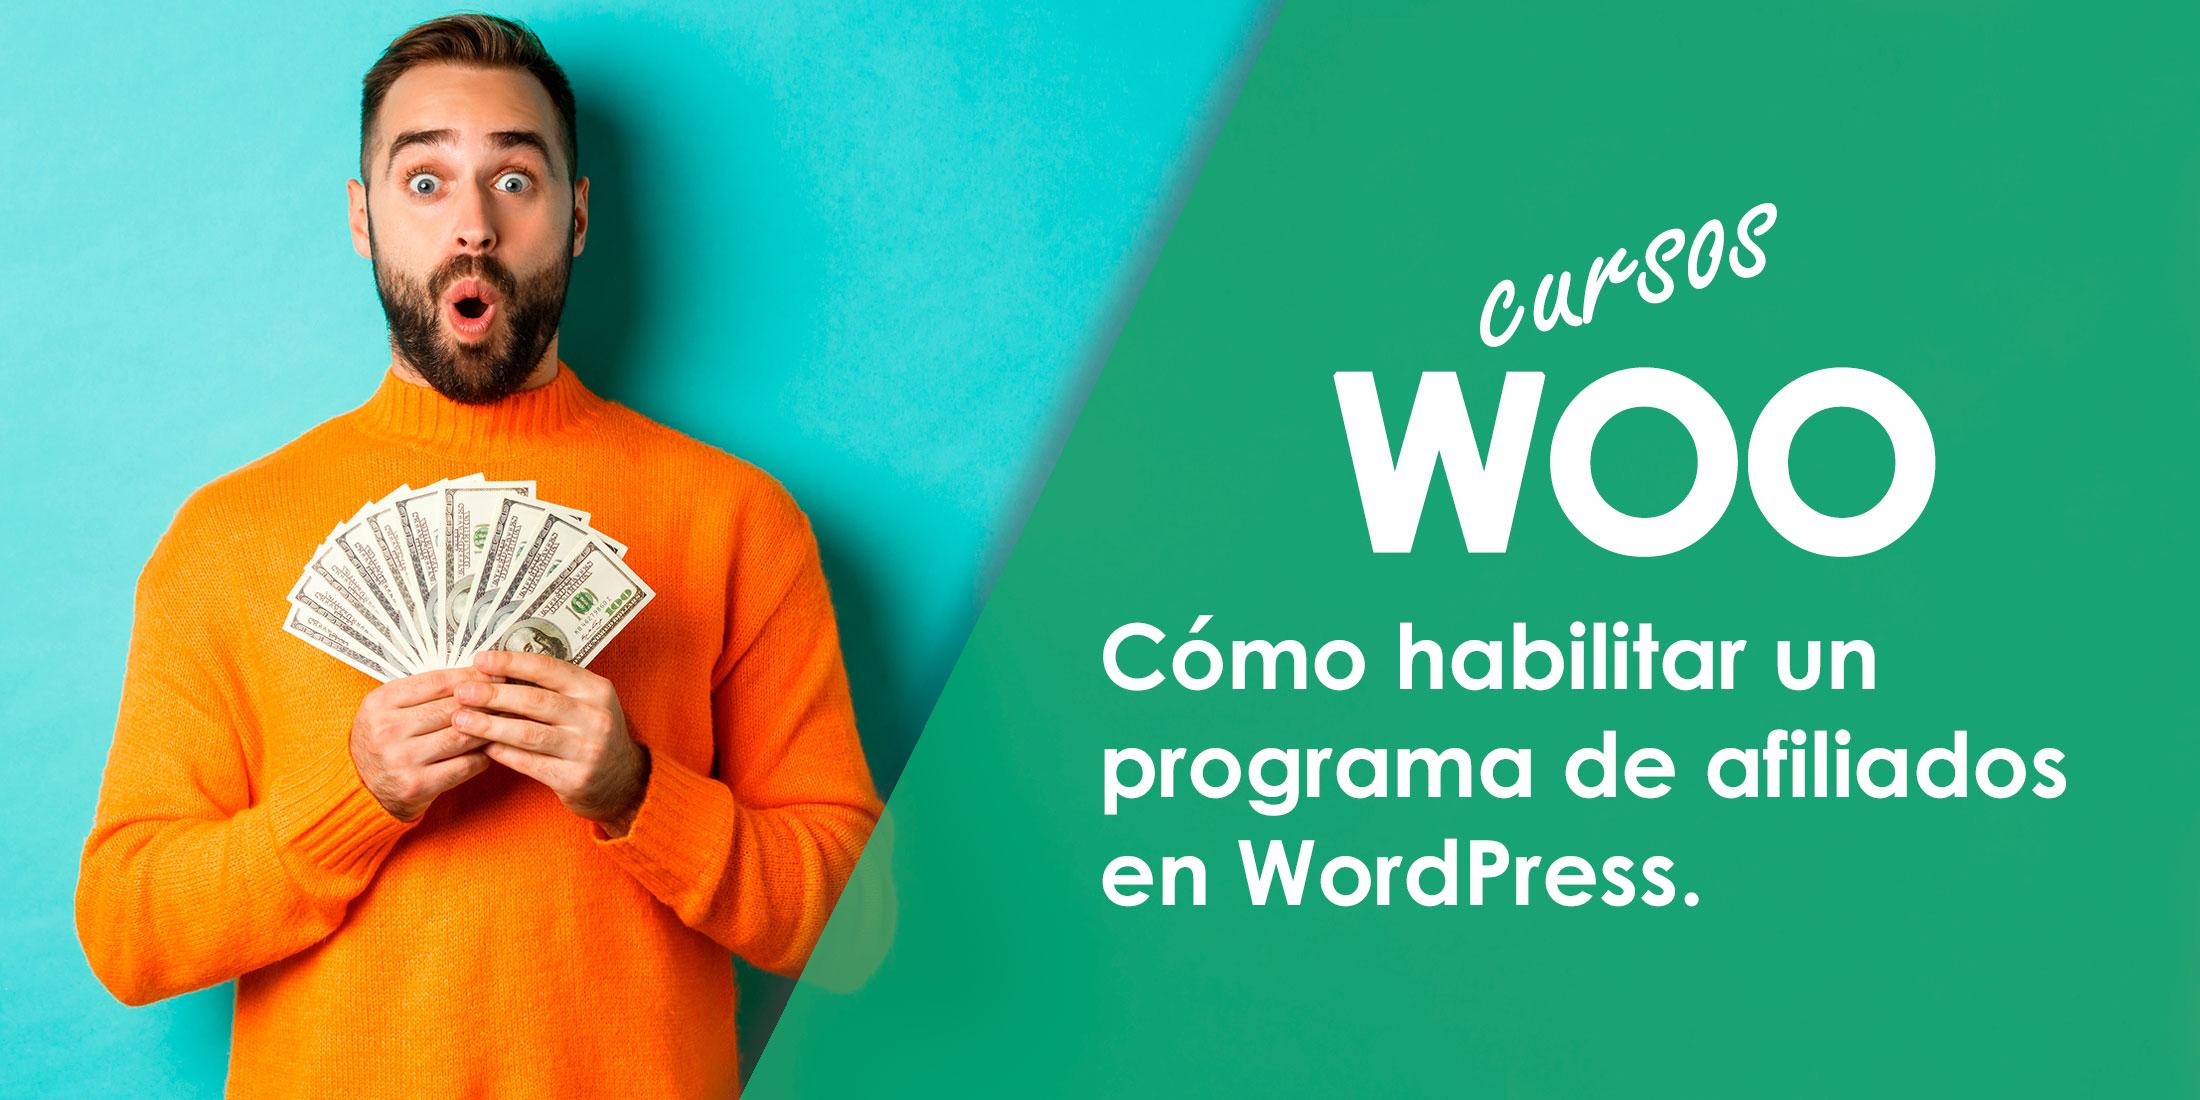 Cómo habilitar un programa de afiliados en WordPress